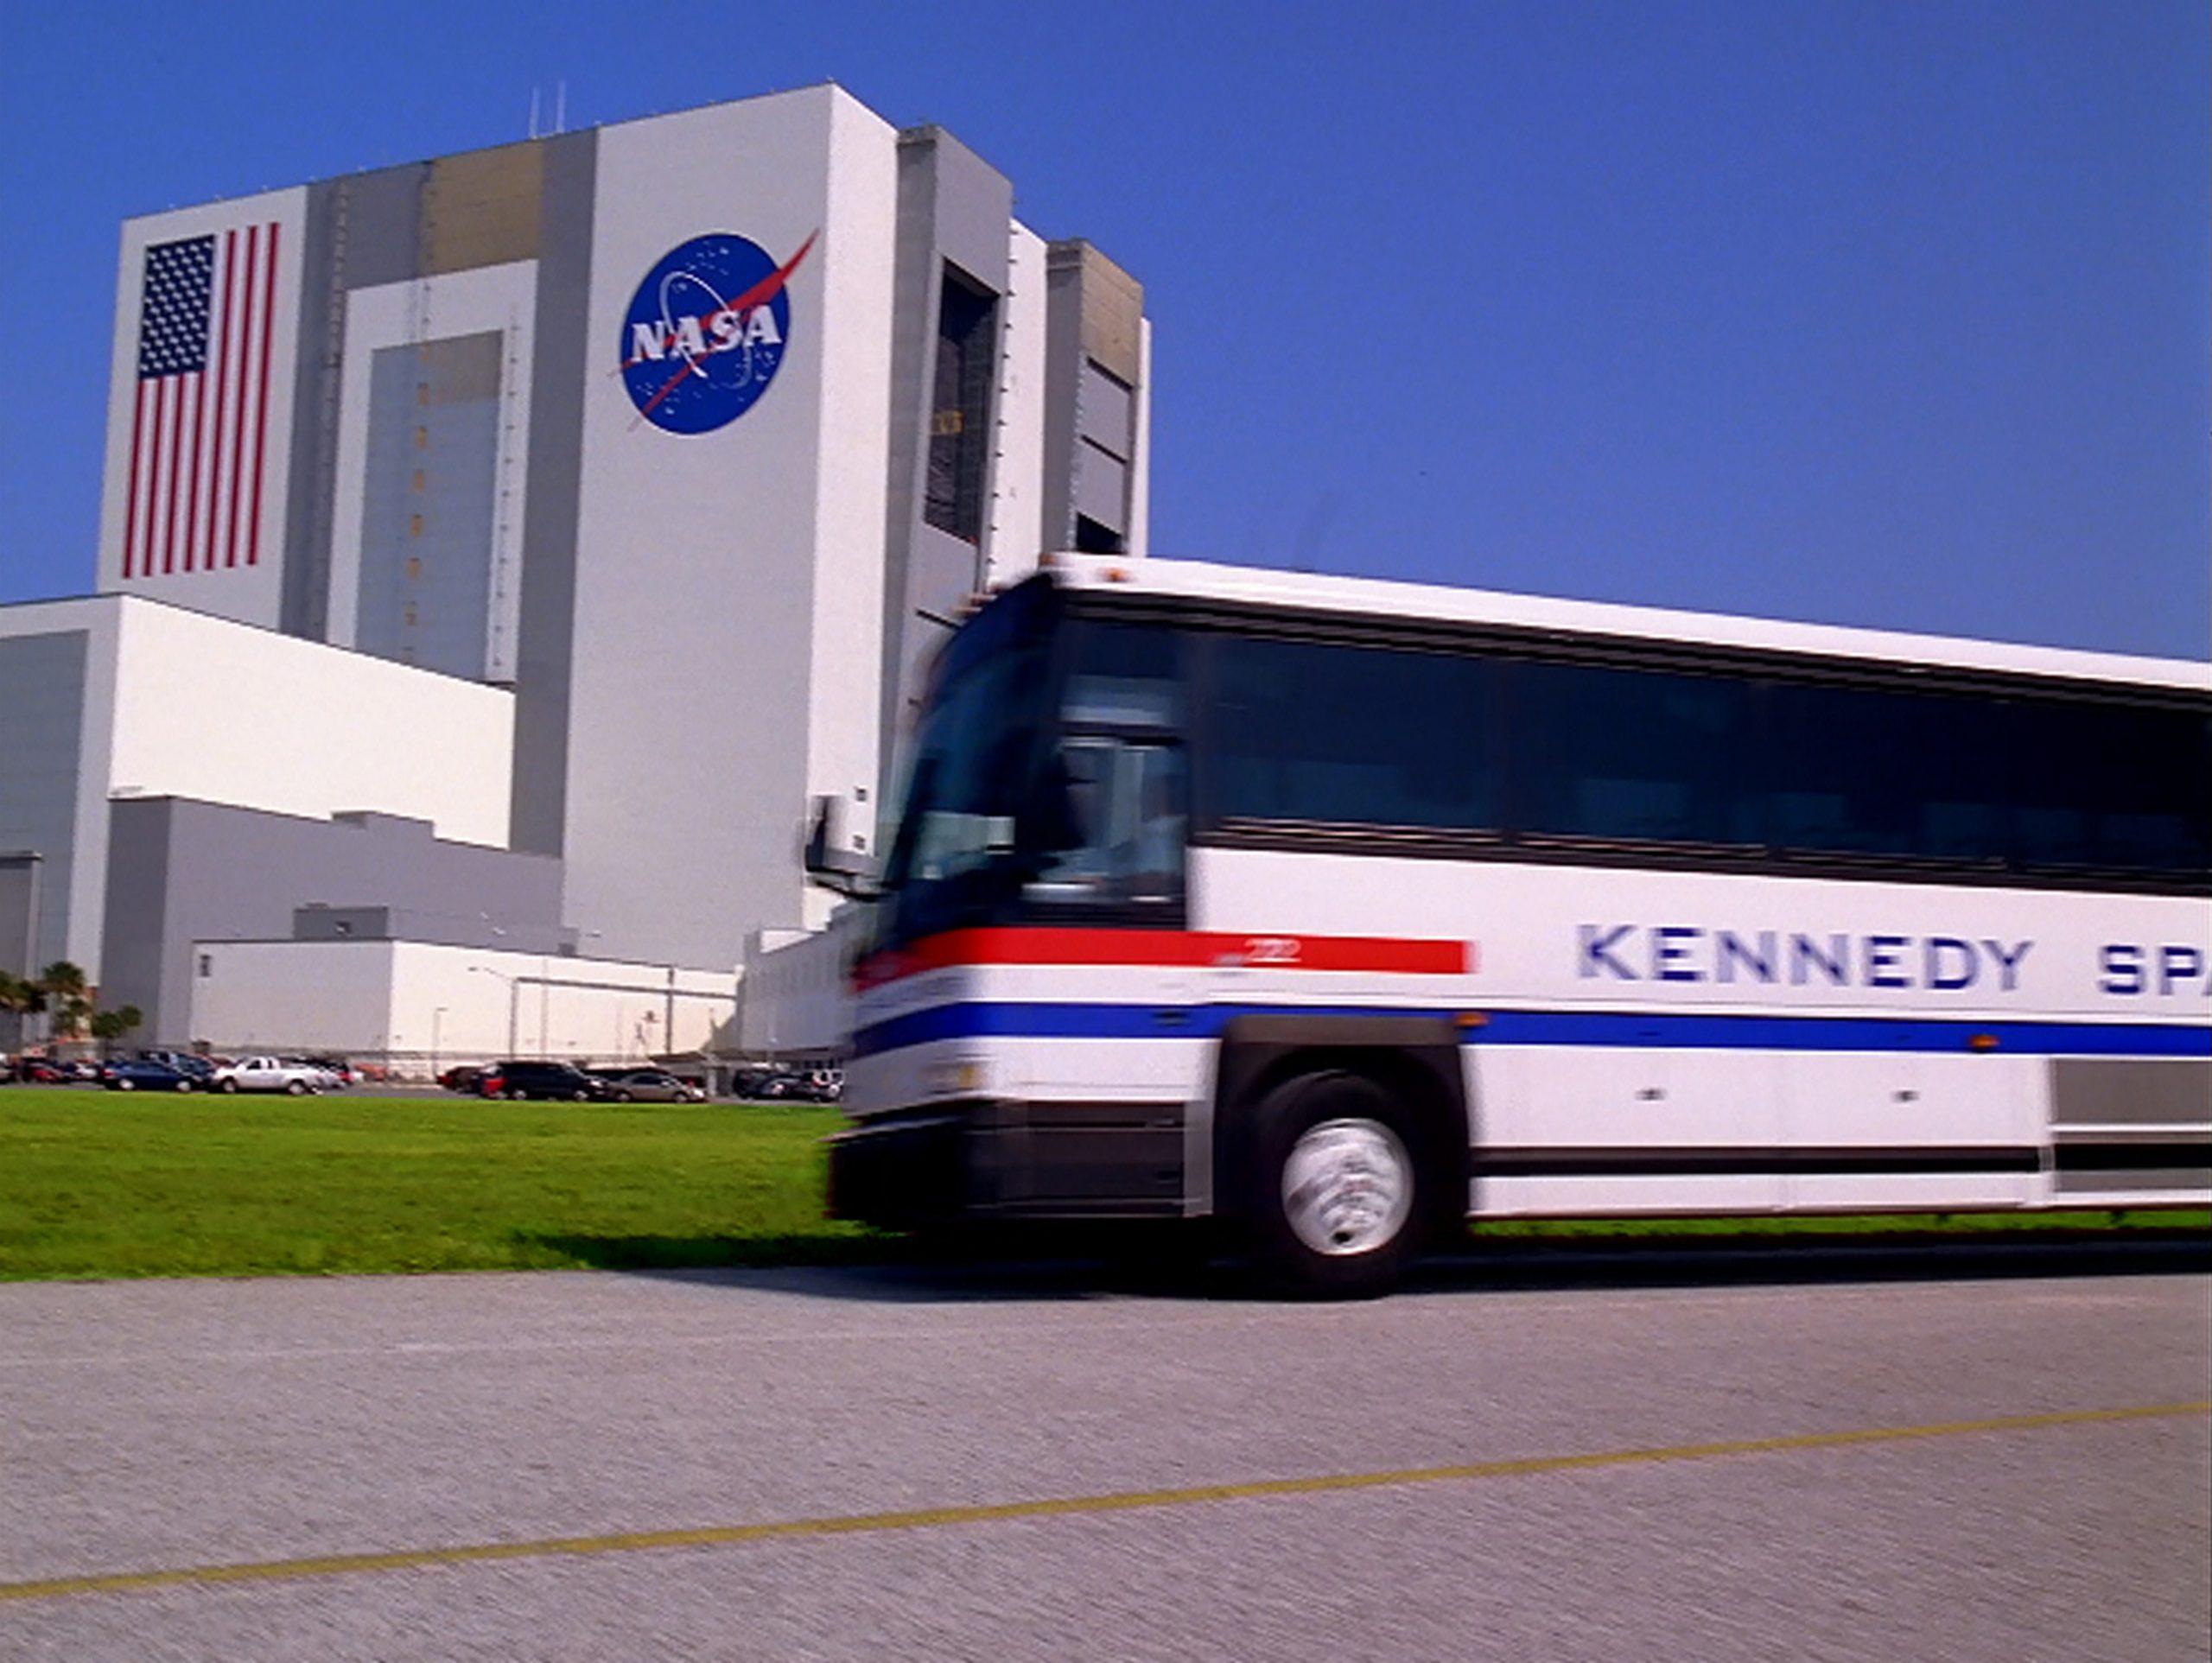 Kennedy Space Center Visitor Complex cierra temporalmente debido a la amenaza de COVID-19